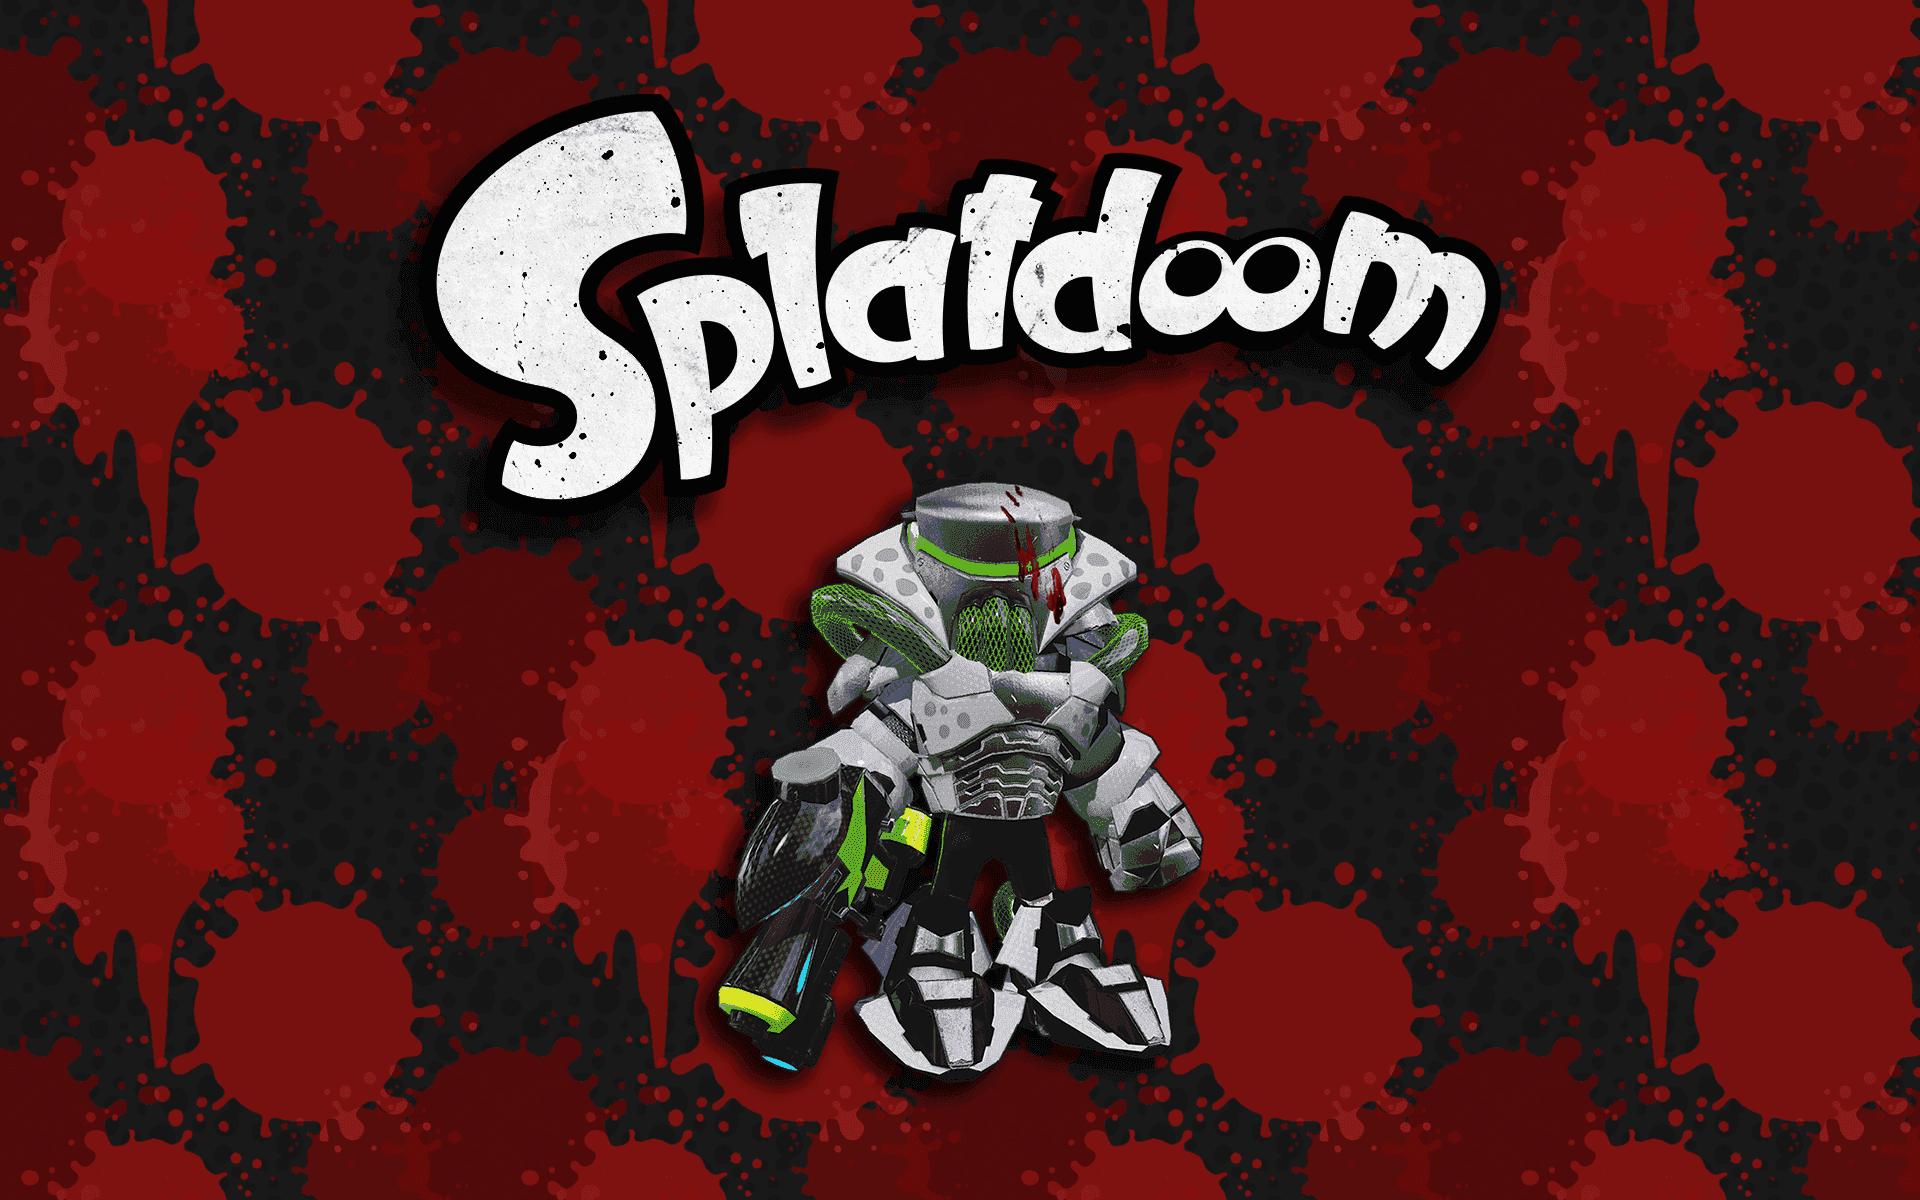 SplatDOOM.png